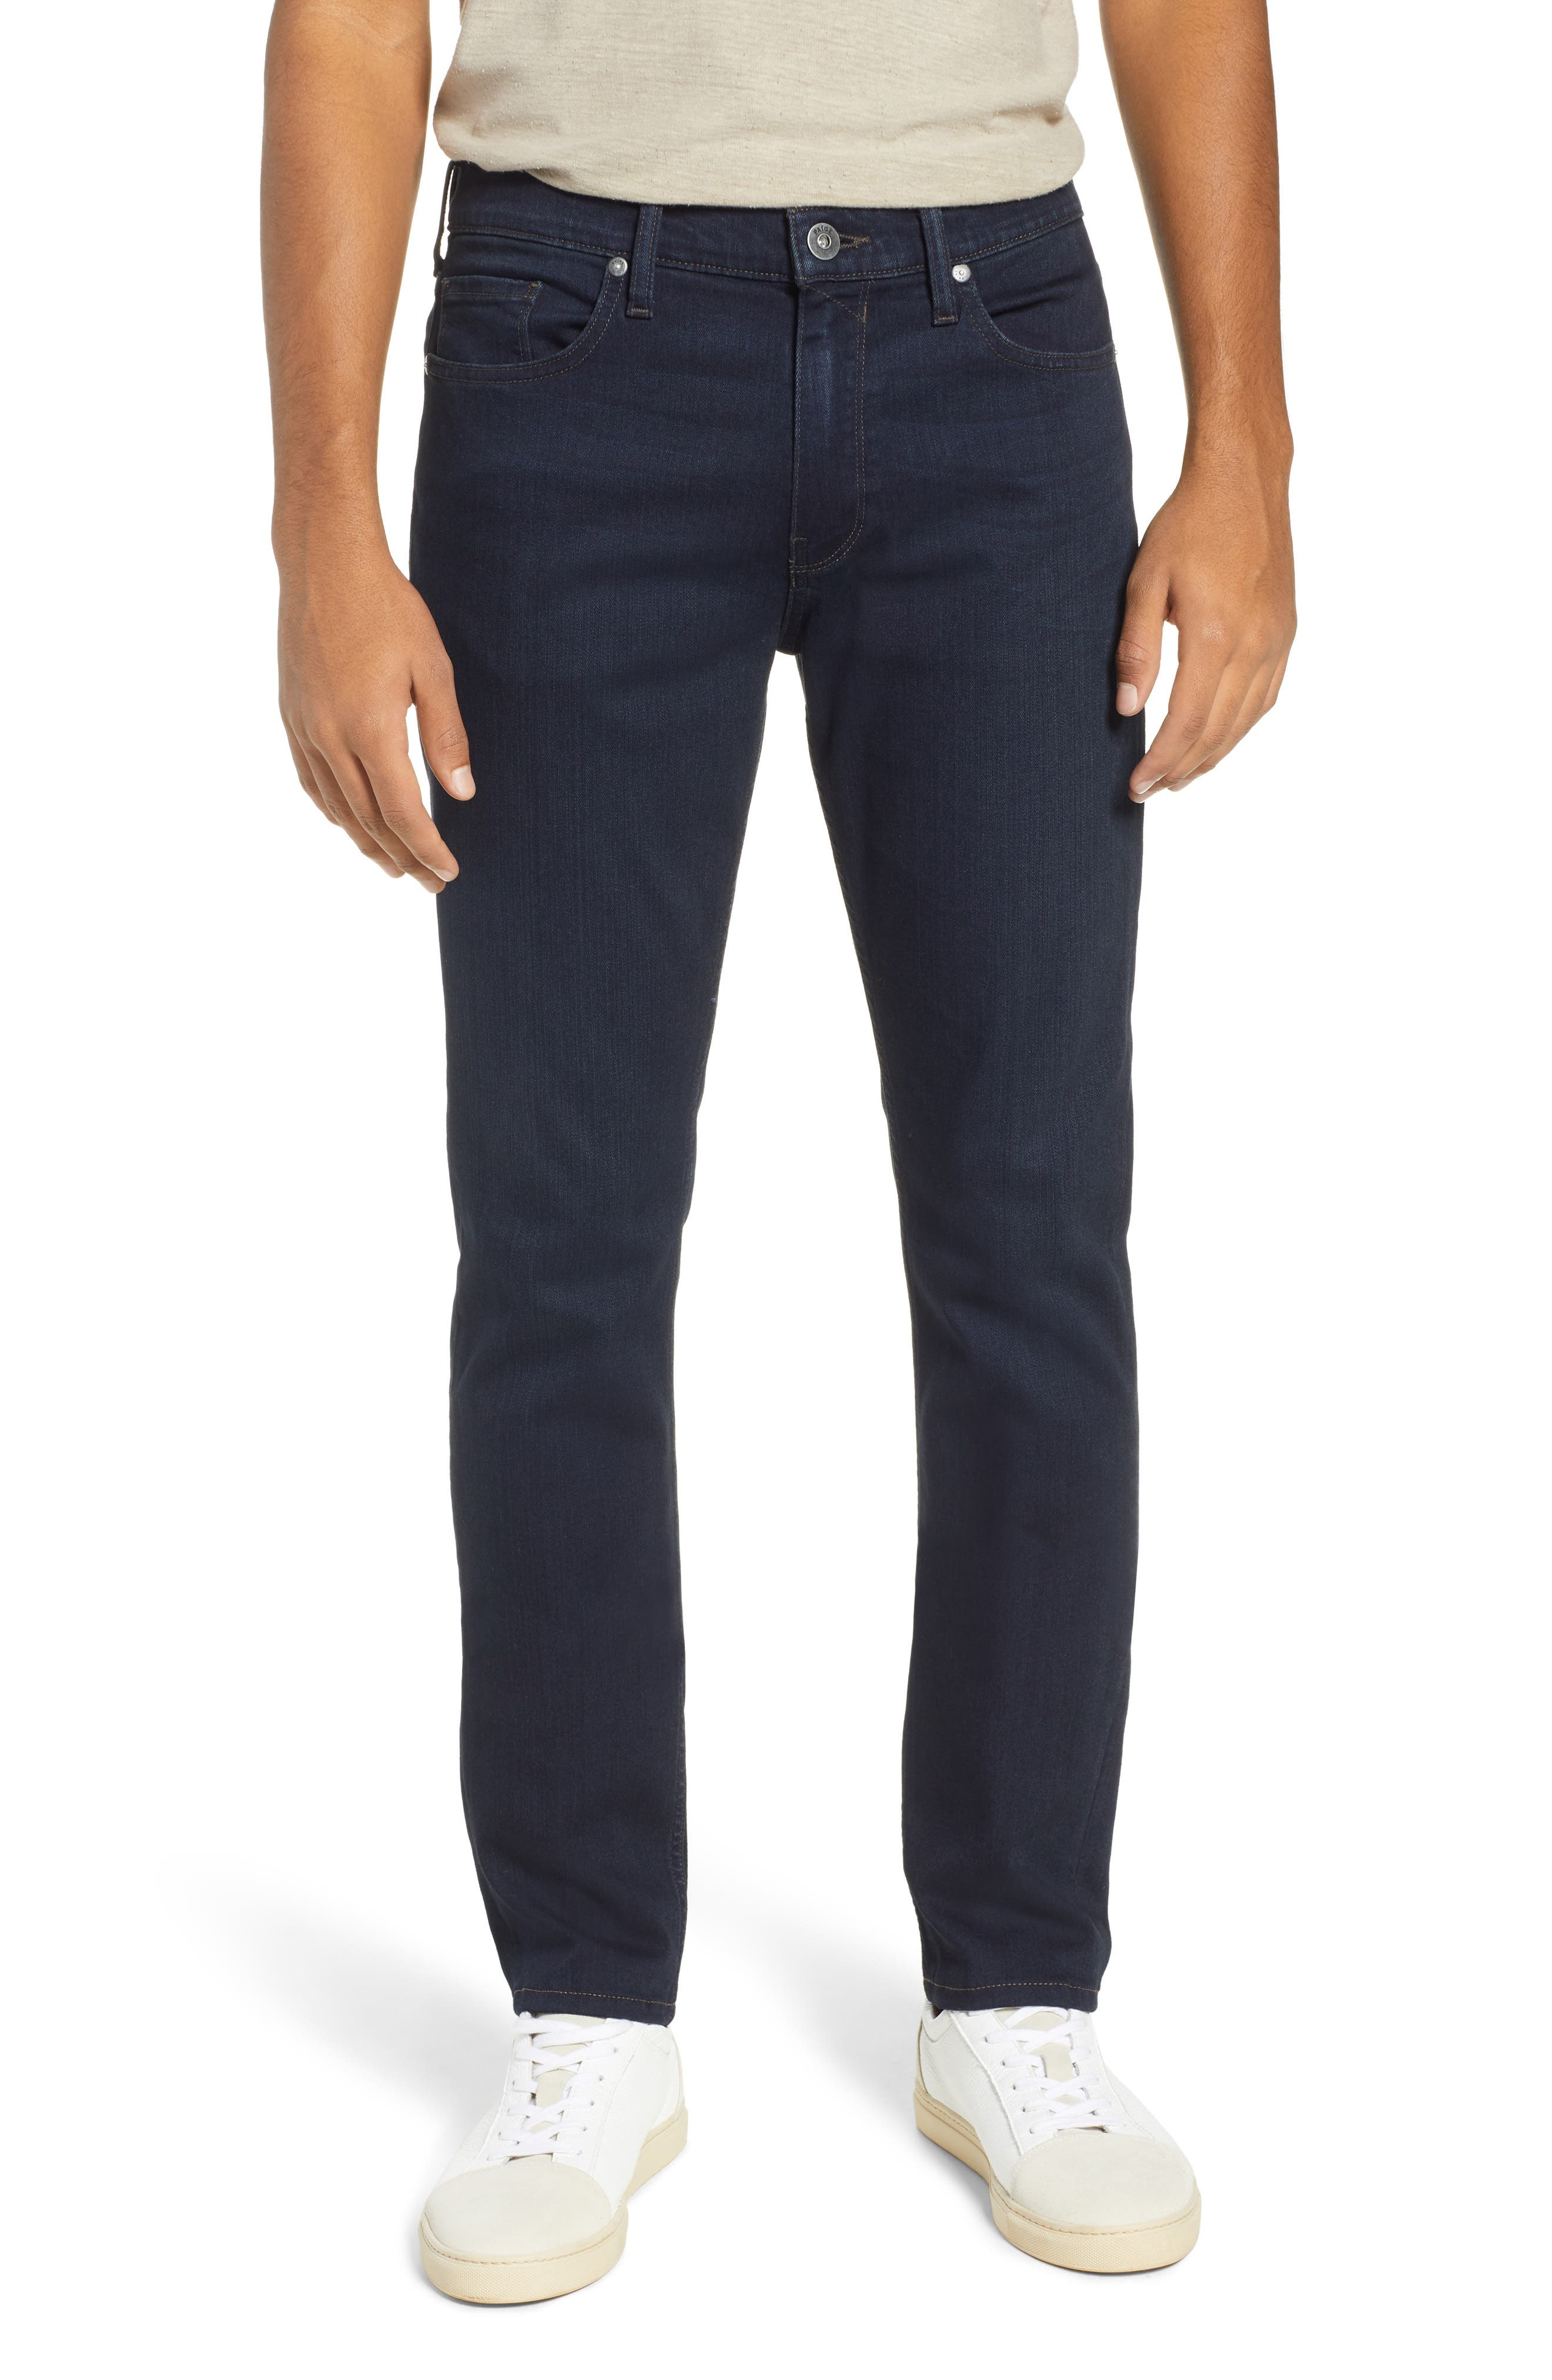 PAIGE, Transcend – Lennox Slim Fit Jeans, Main thumbnail 1, color, DOMINIC